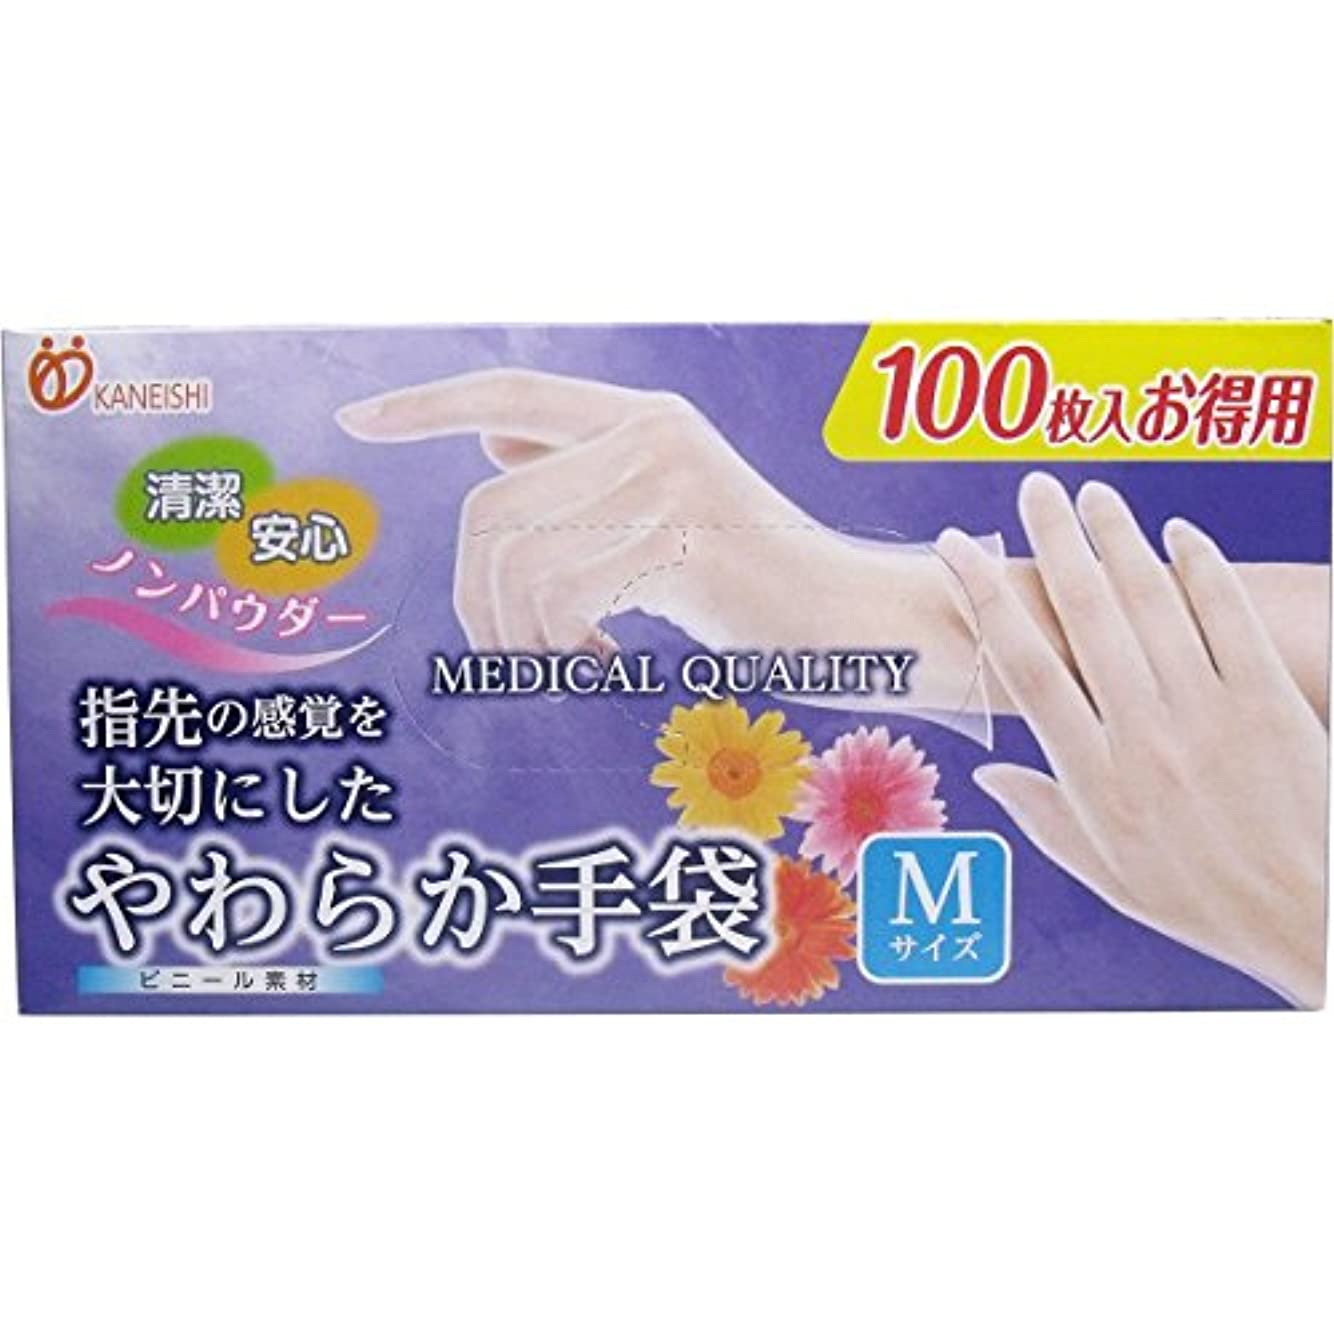 厳しい直面するねじれやわらか手袋 ビニール素材 Mサイズ 100枚入x4